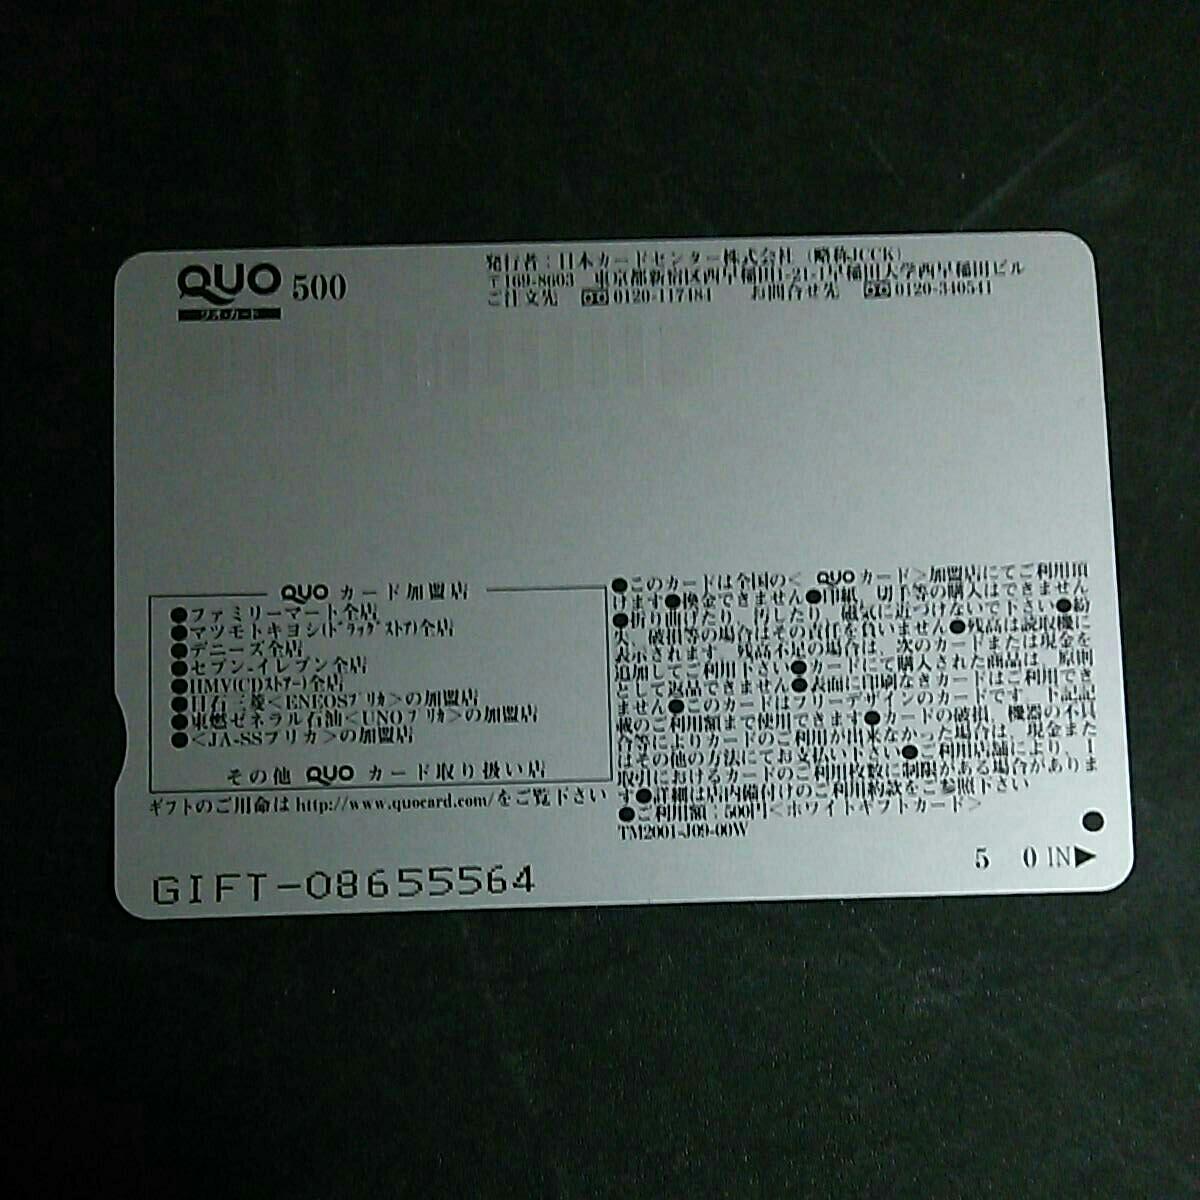 ヤングサンデー 落合裕介『高校応援団神咲組』クオカード QUOカード 抽プレ 当選品 レア 非売品 未使用 テレカ、図書カードではないです。 _画像3